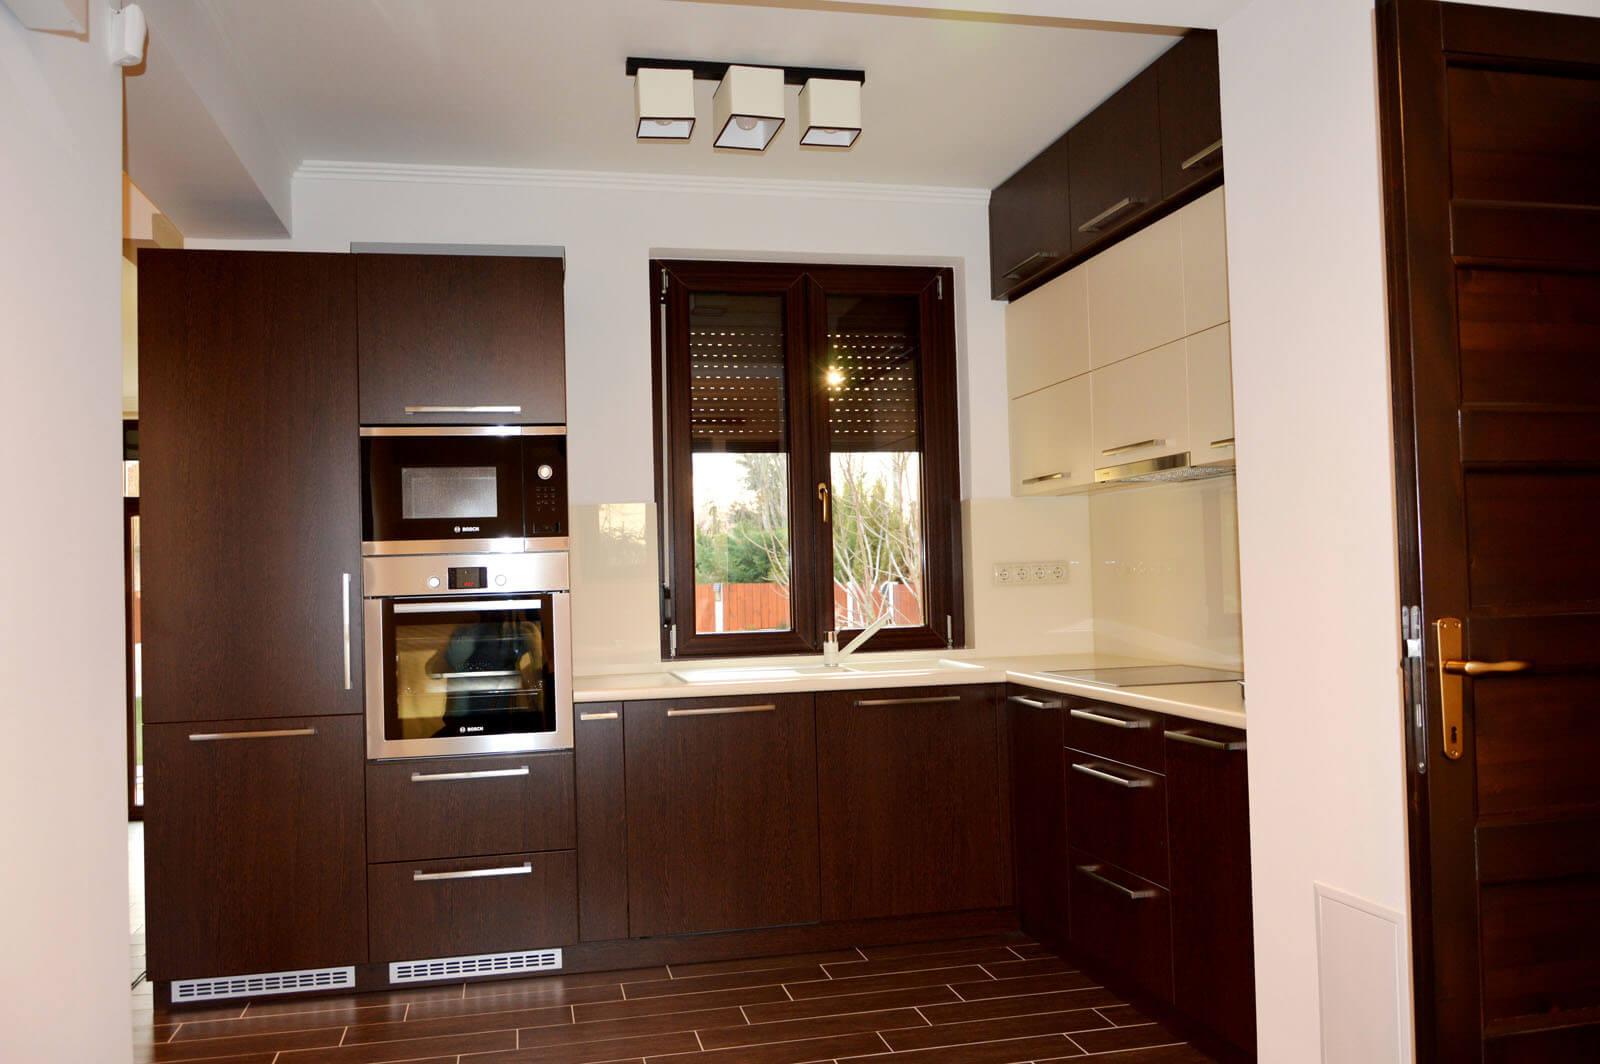 Modern egyedi konyhabútor készítés wenge - bézs színben, rejtett LED világítással, üveghátlappal, beépített konyhai gépekkel